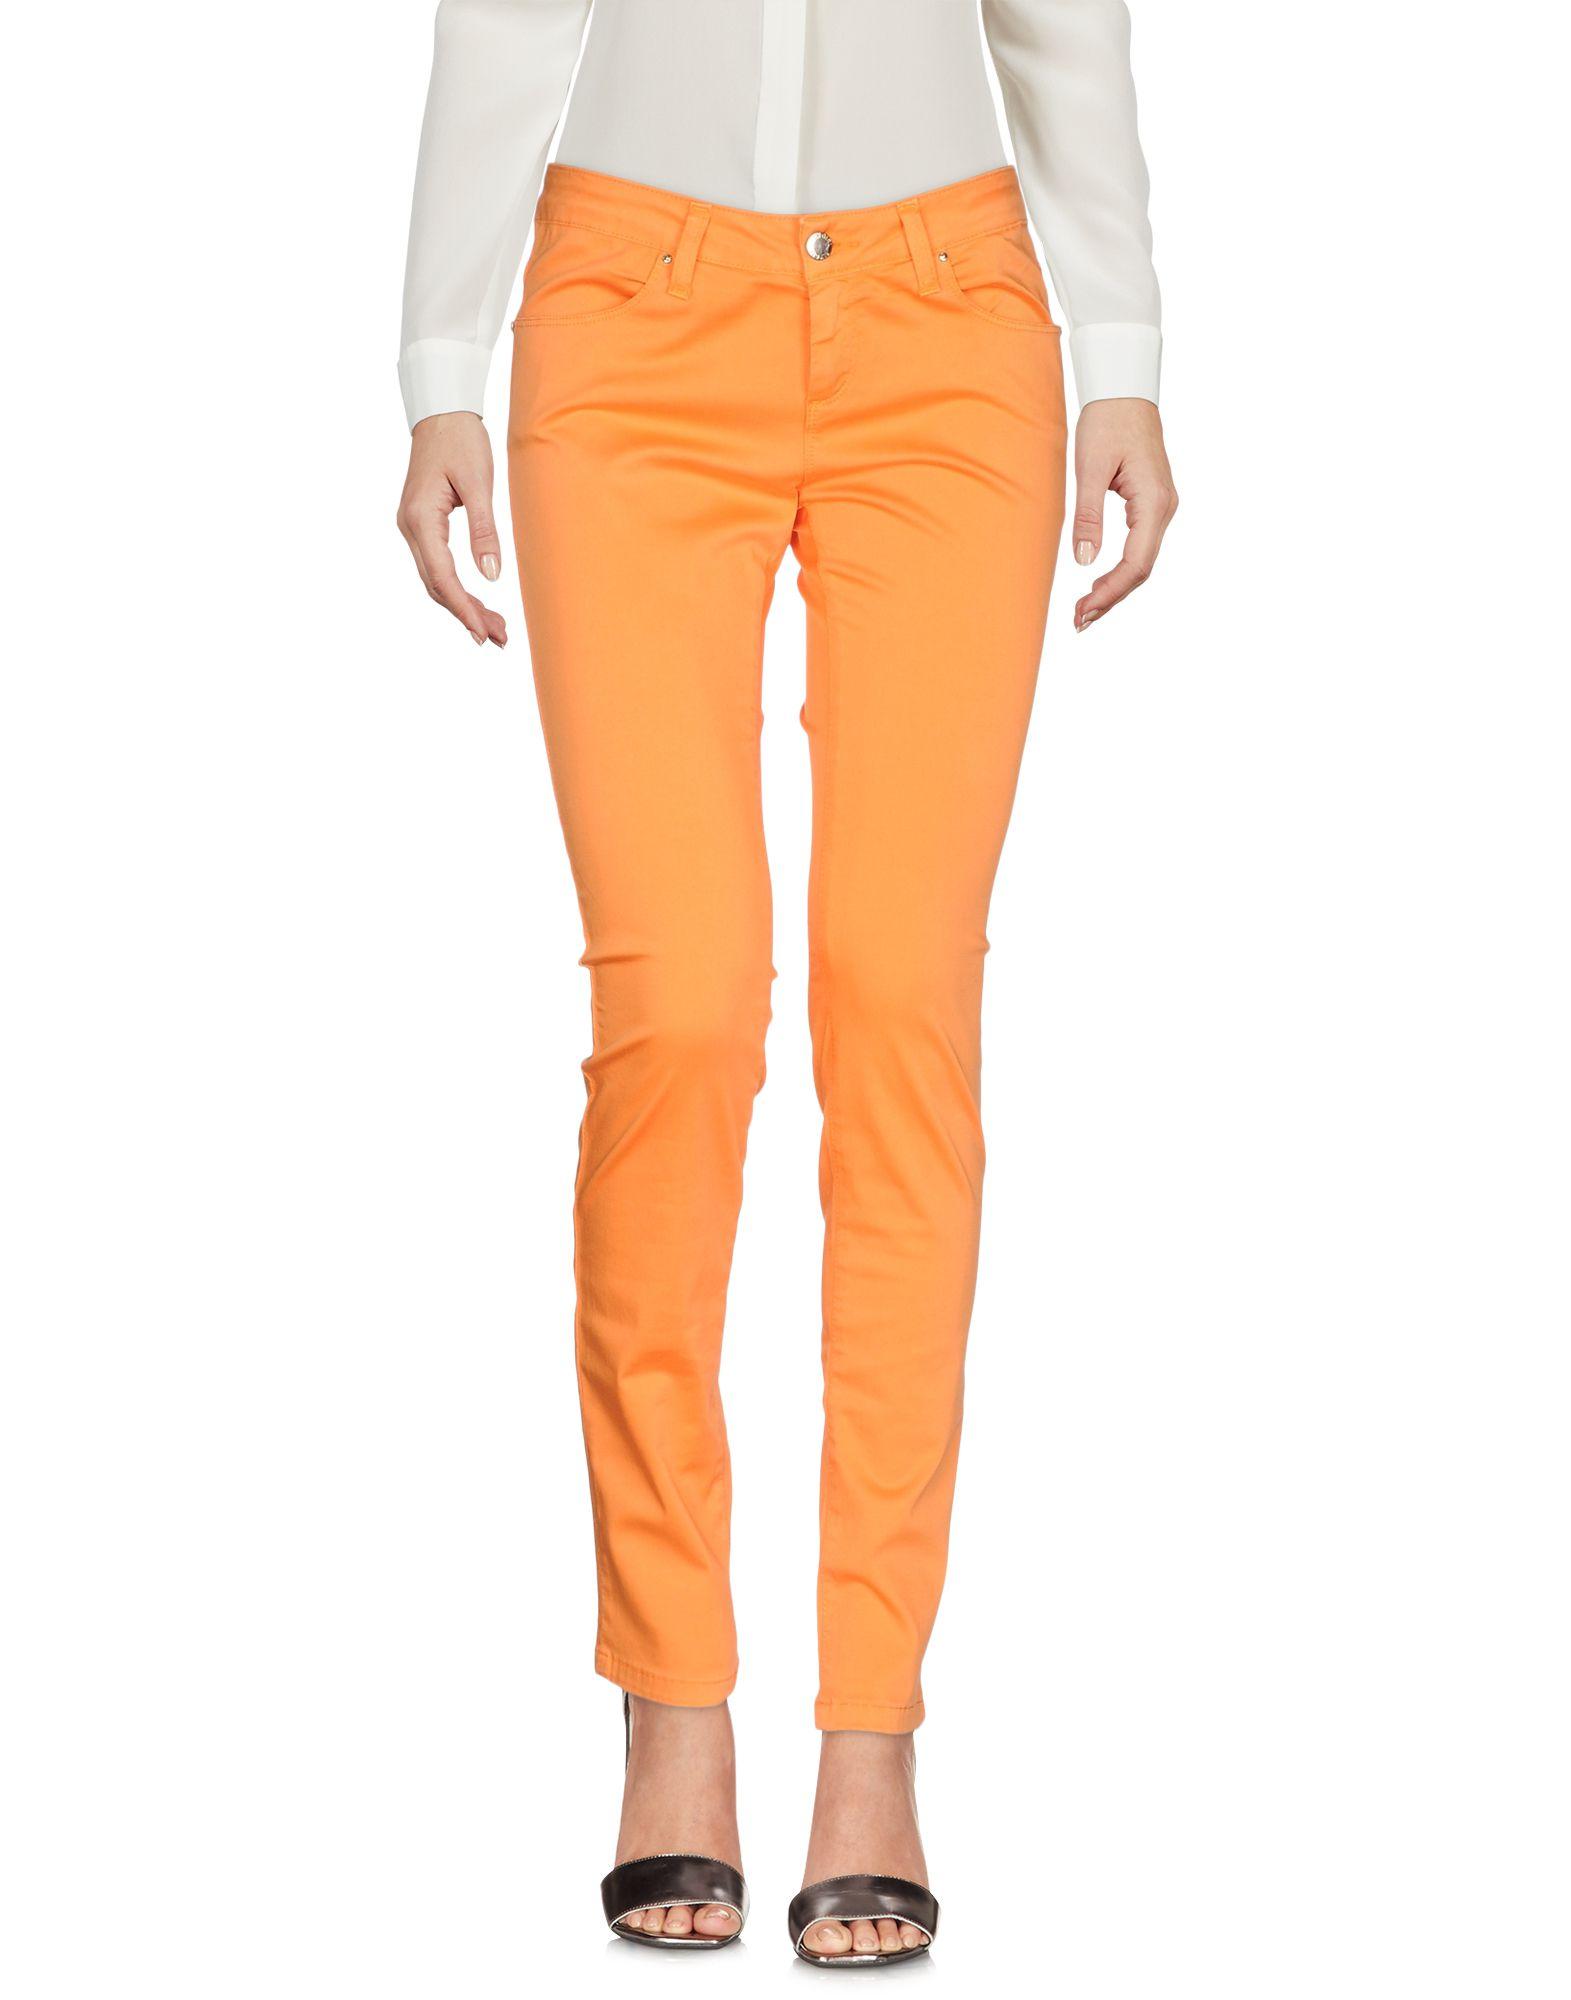 《送料無料》FLY GIRL レディース パンツ オレンジ 26 コットン 98% / ポリウレタン 2%